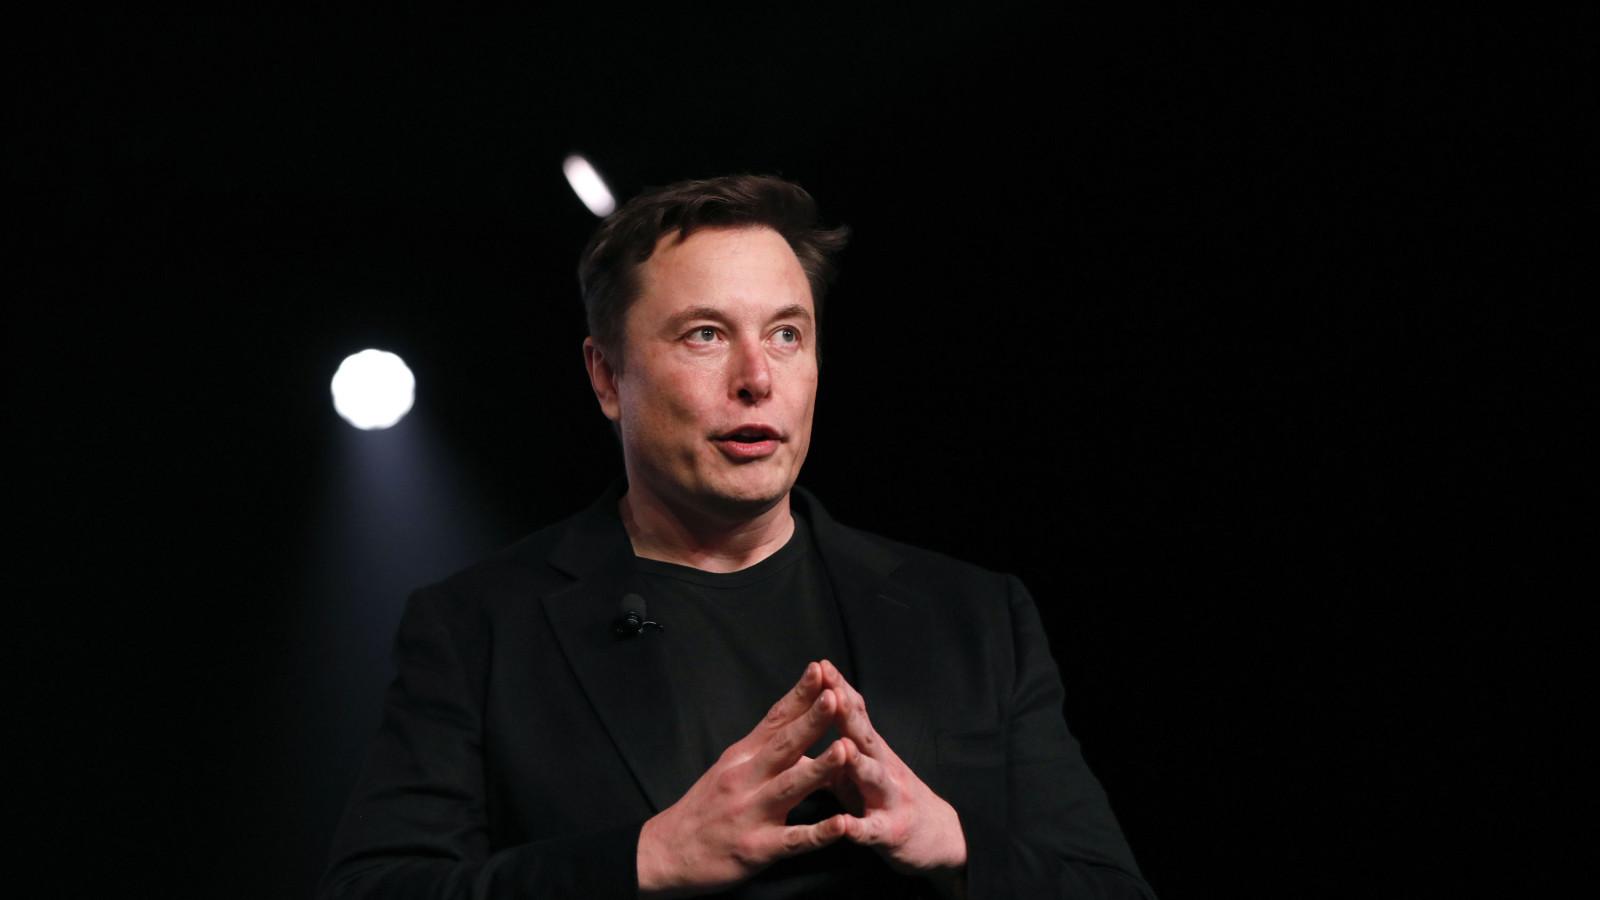 Die 7 Erfolgsgeheimnisse von Elon Musk